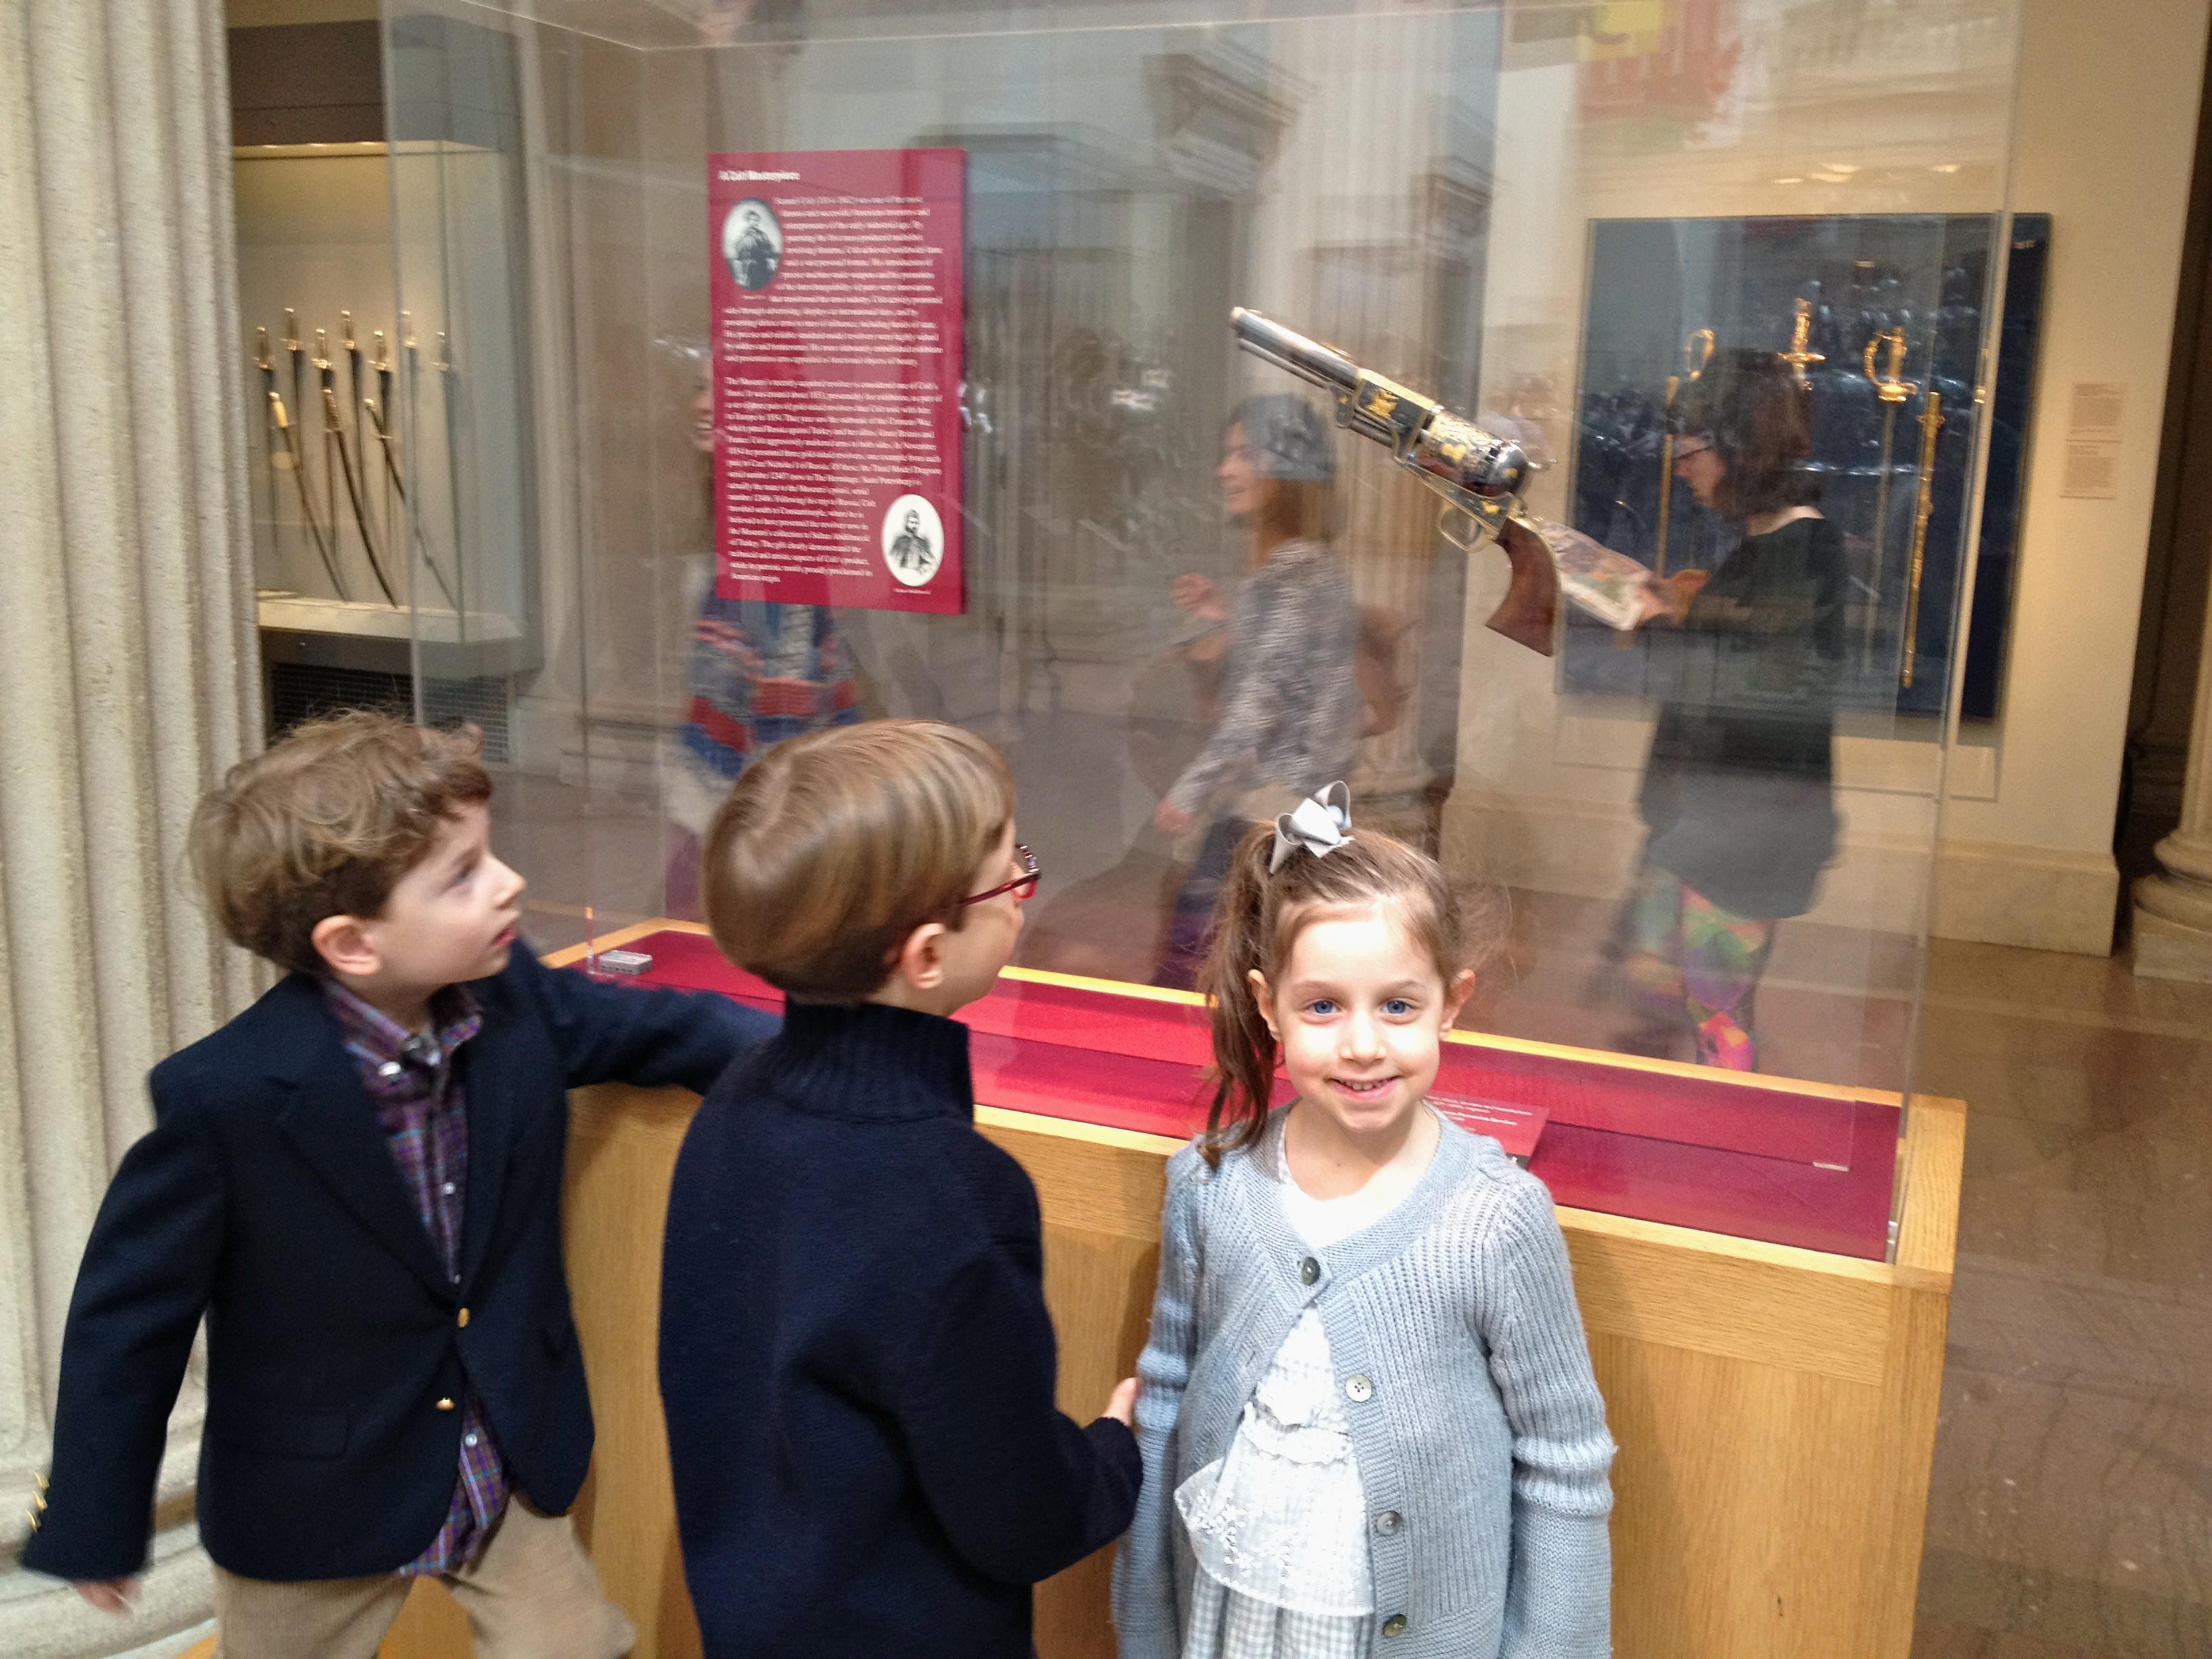 Boys looking at gun